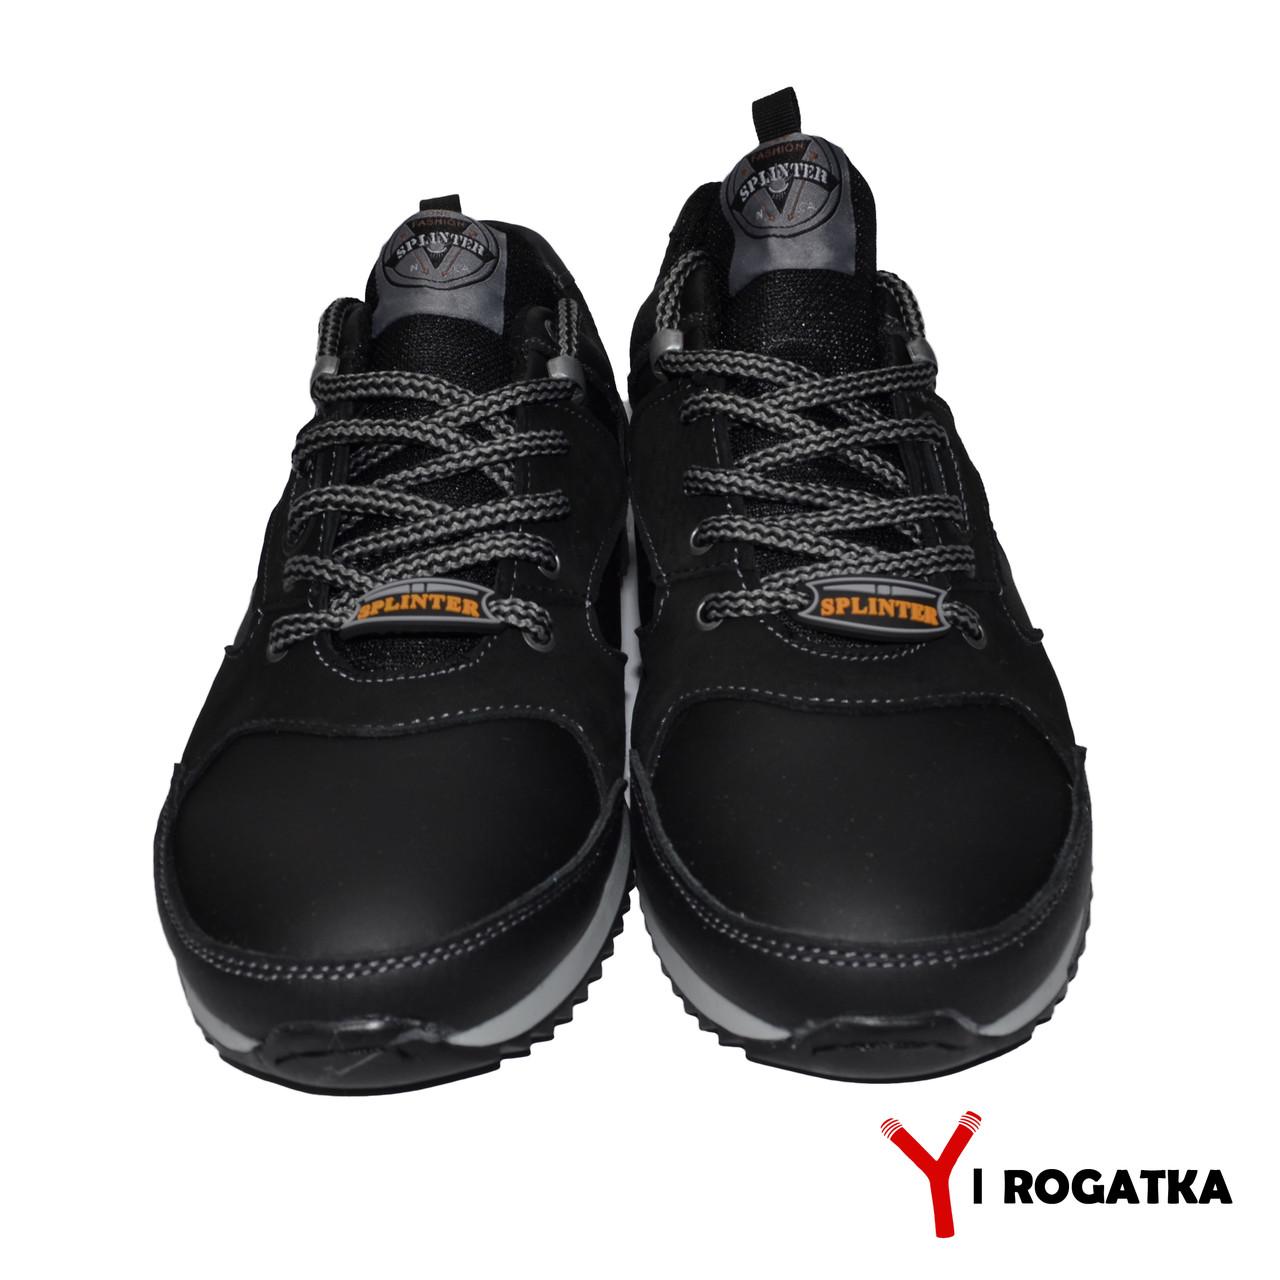 78b1e9226c946 Мужские кожаные обувь кроссовки. SPLINTER. Черные - Интернет магазин обуви  Rogatka в Хмельницком